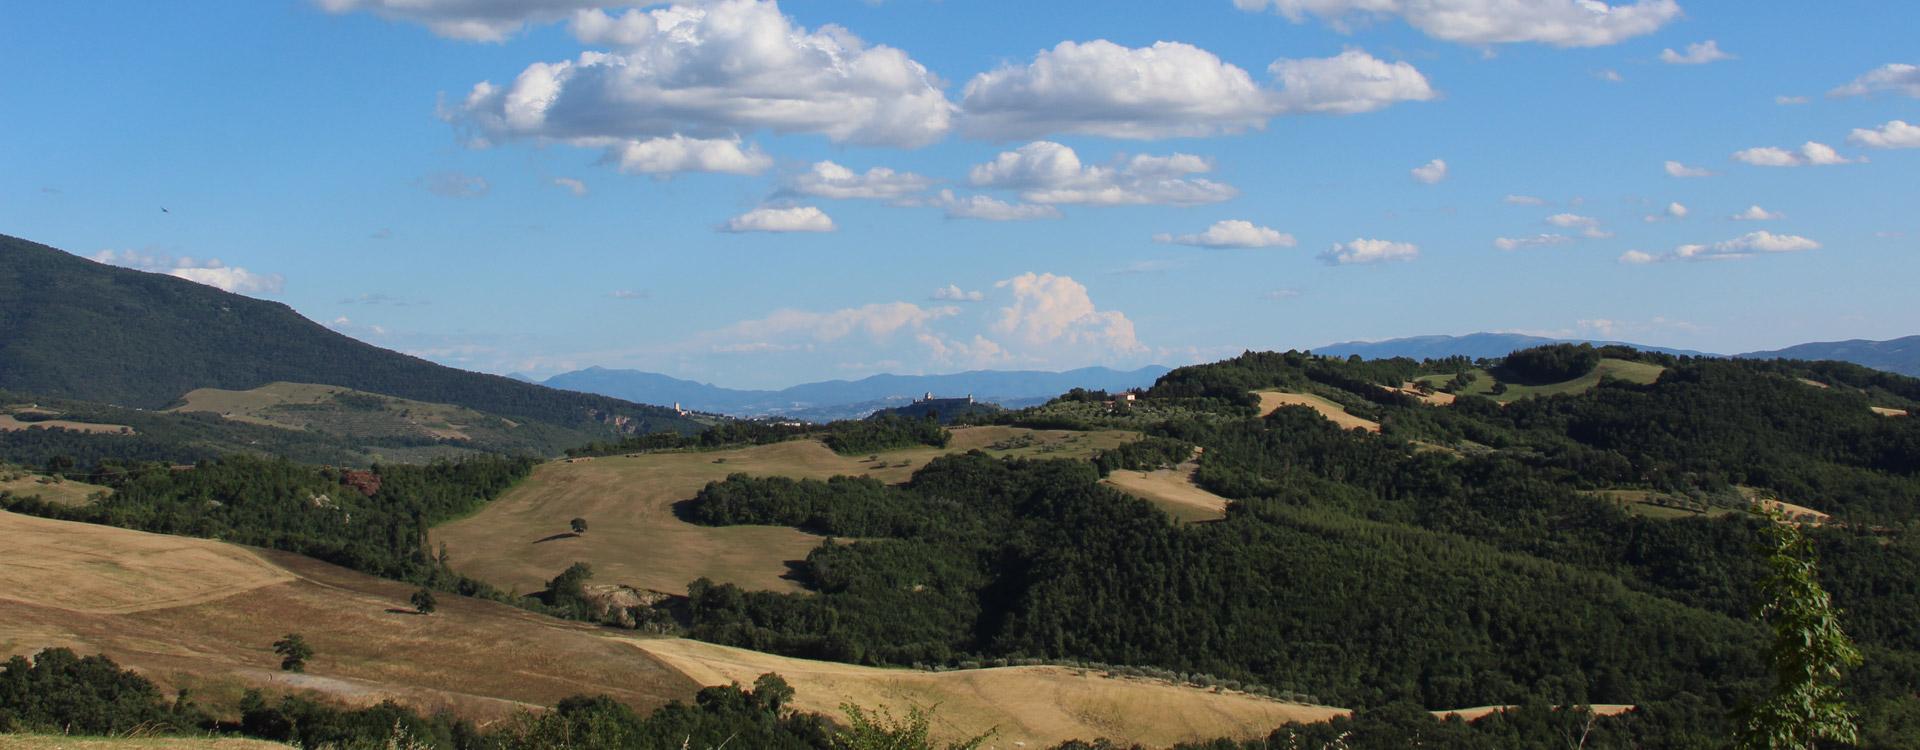 Agriturismo Assisi 'Relais Parco del Subasio' - Ti aspettiamo per dare valore e sapore al tempo ed al silen<io